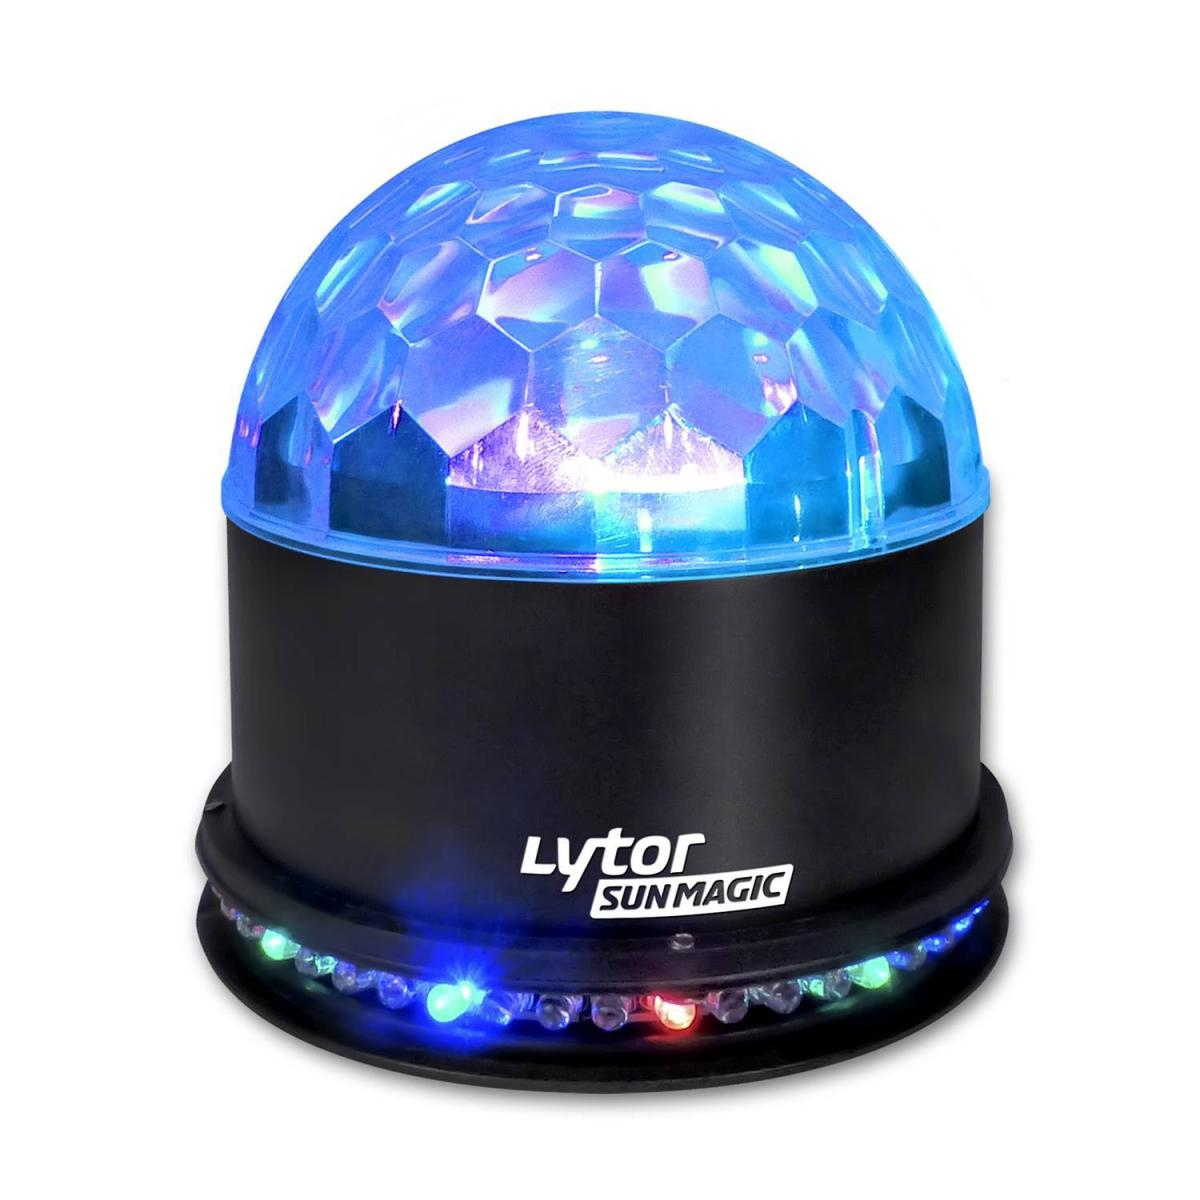 Lytor Boule lumineuse LYTOR de 48 LEDs RVB avec 3 LEDs 1W RVB sur son dôme